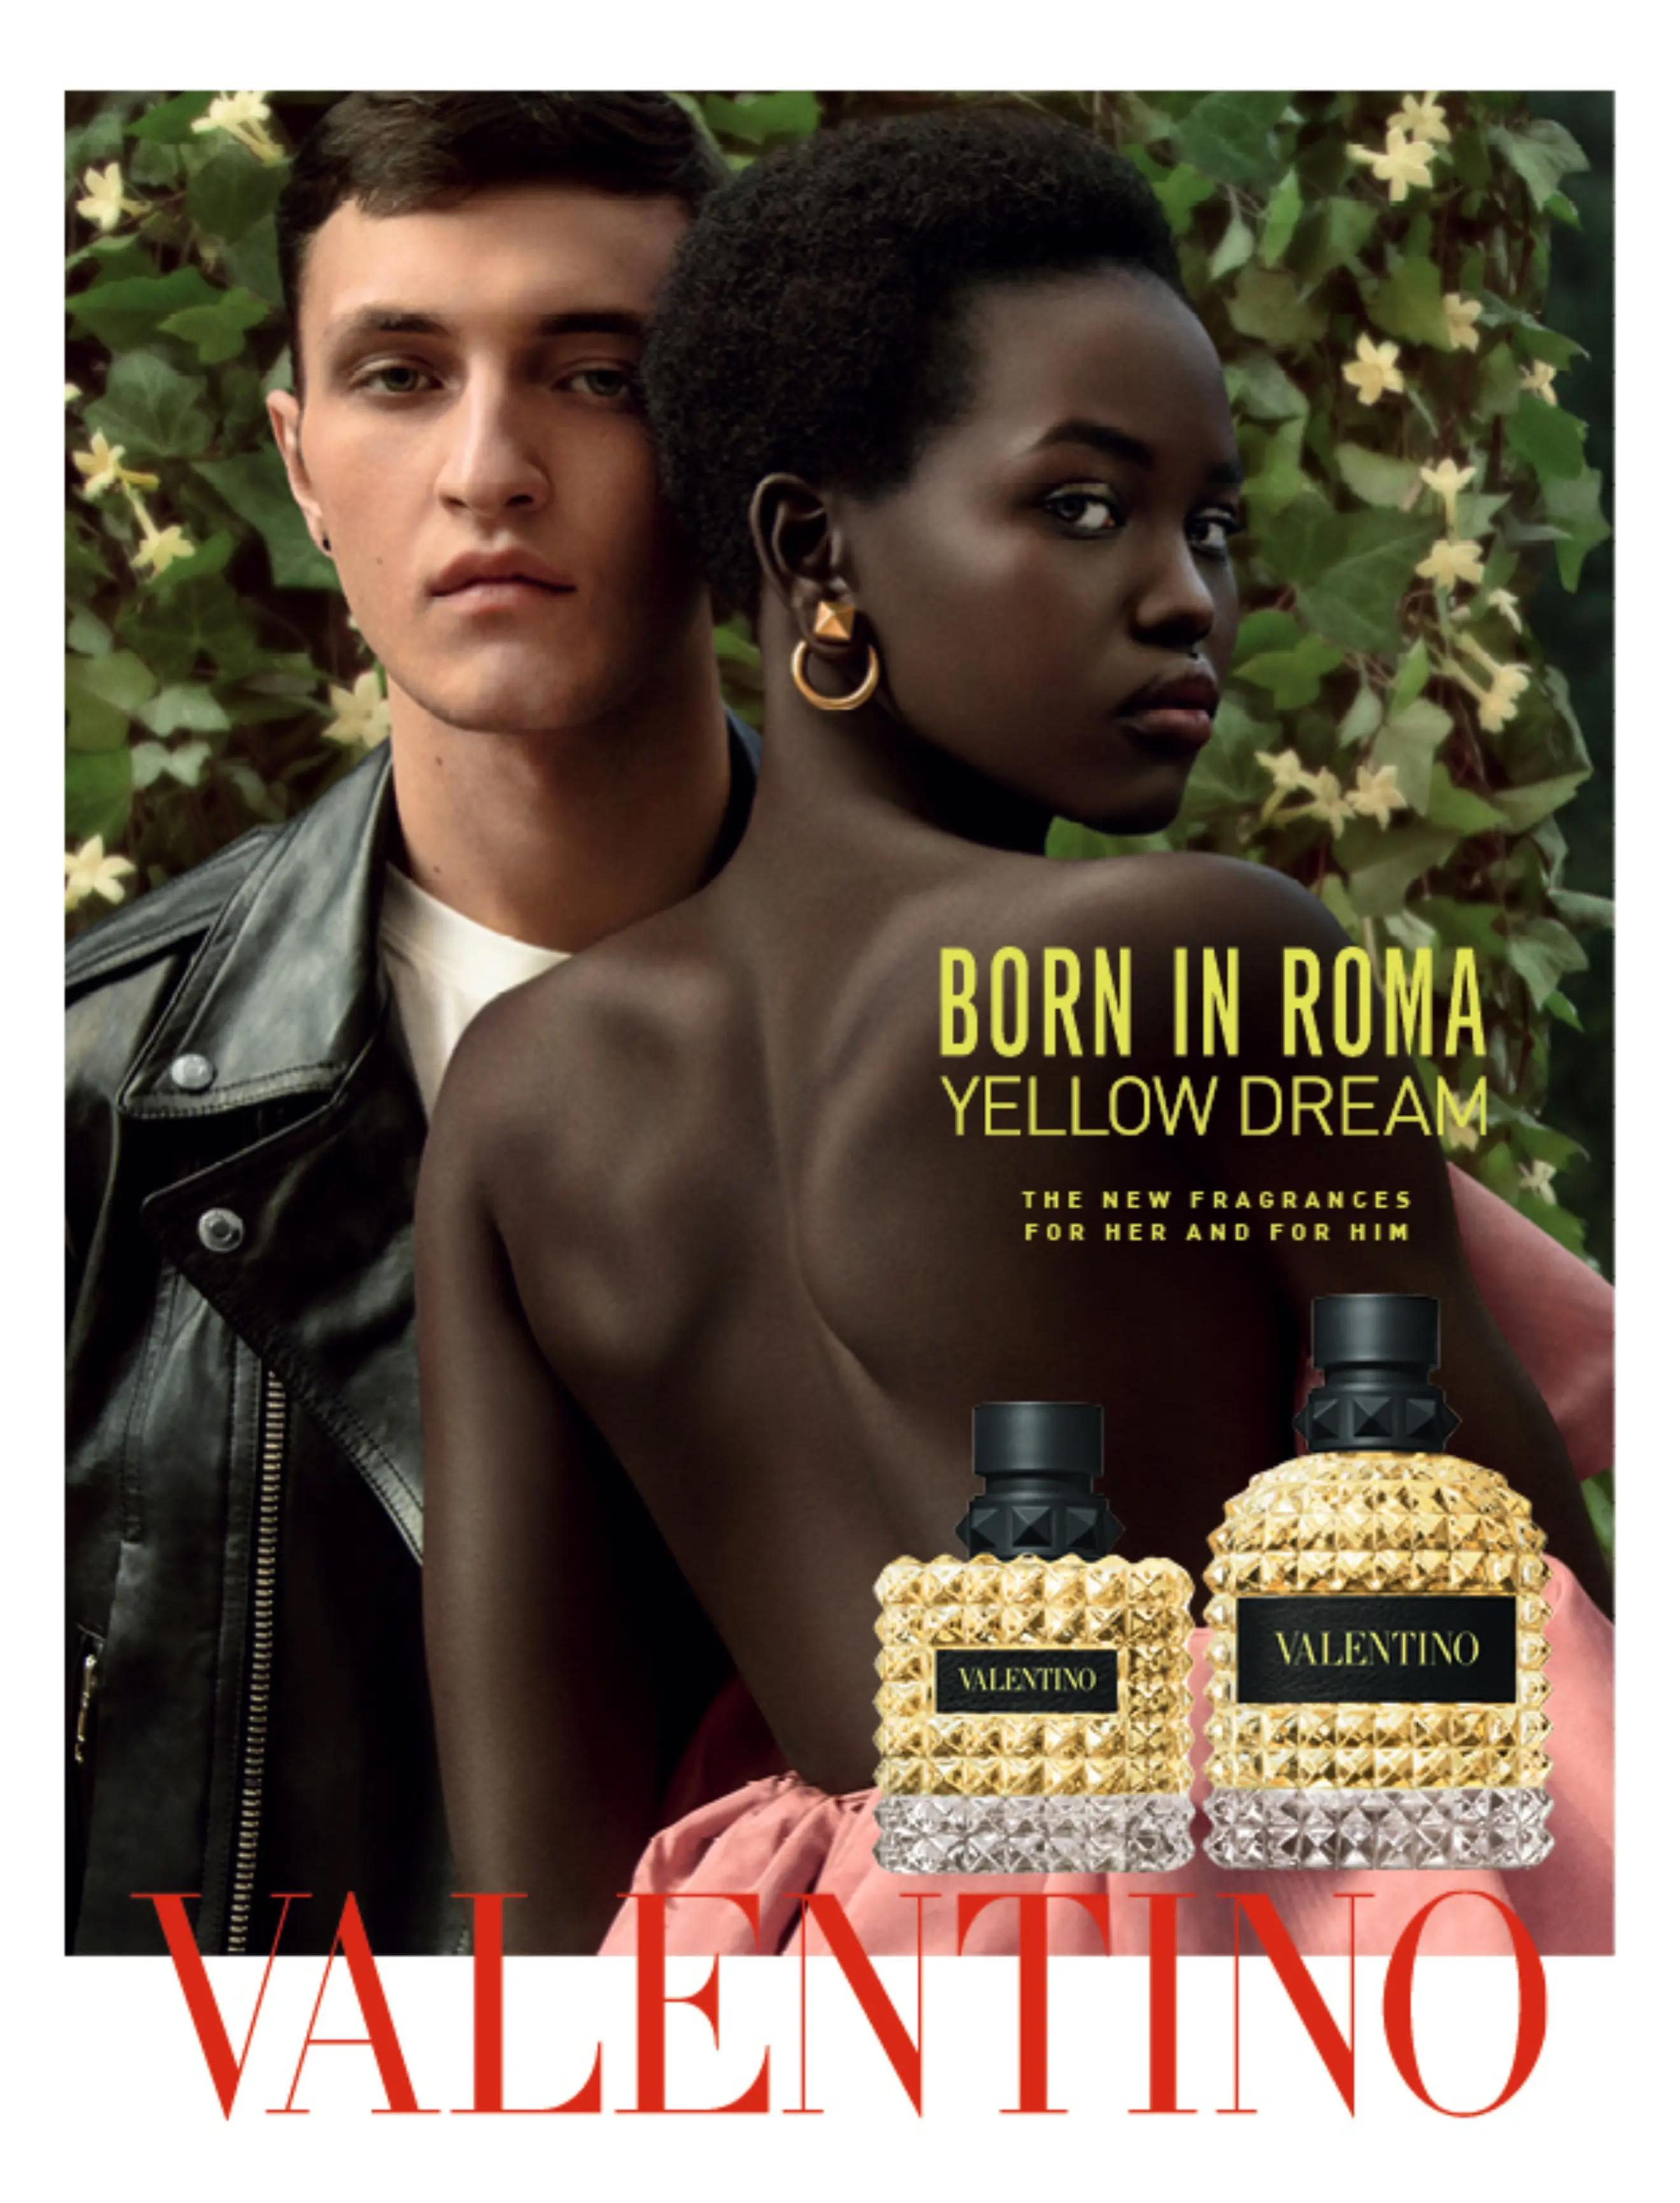 Il Nuovo Duo Valentino Born in Roma Yellow Dream ~ Nuove Fragranze